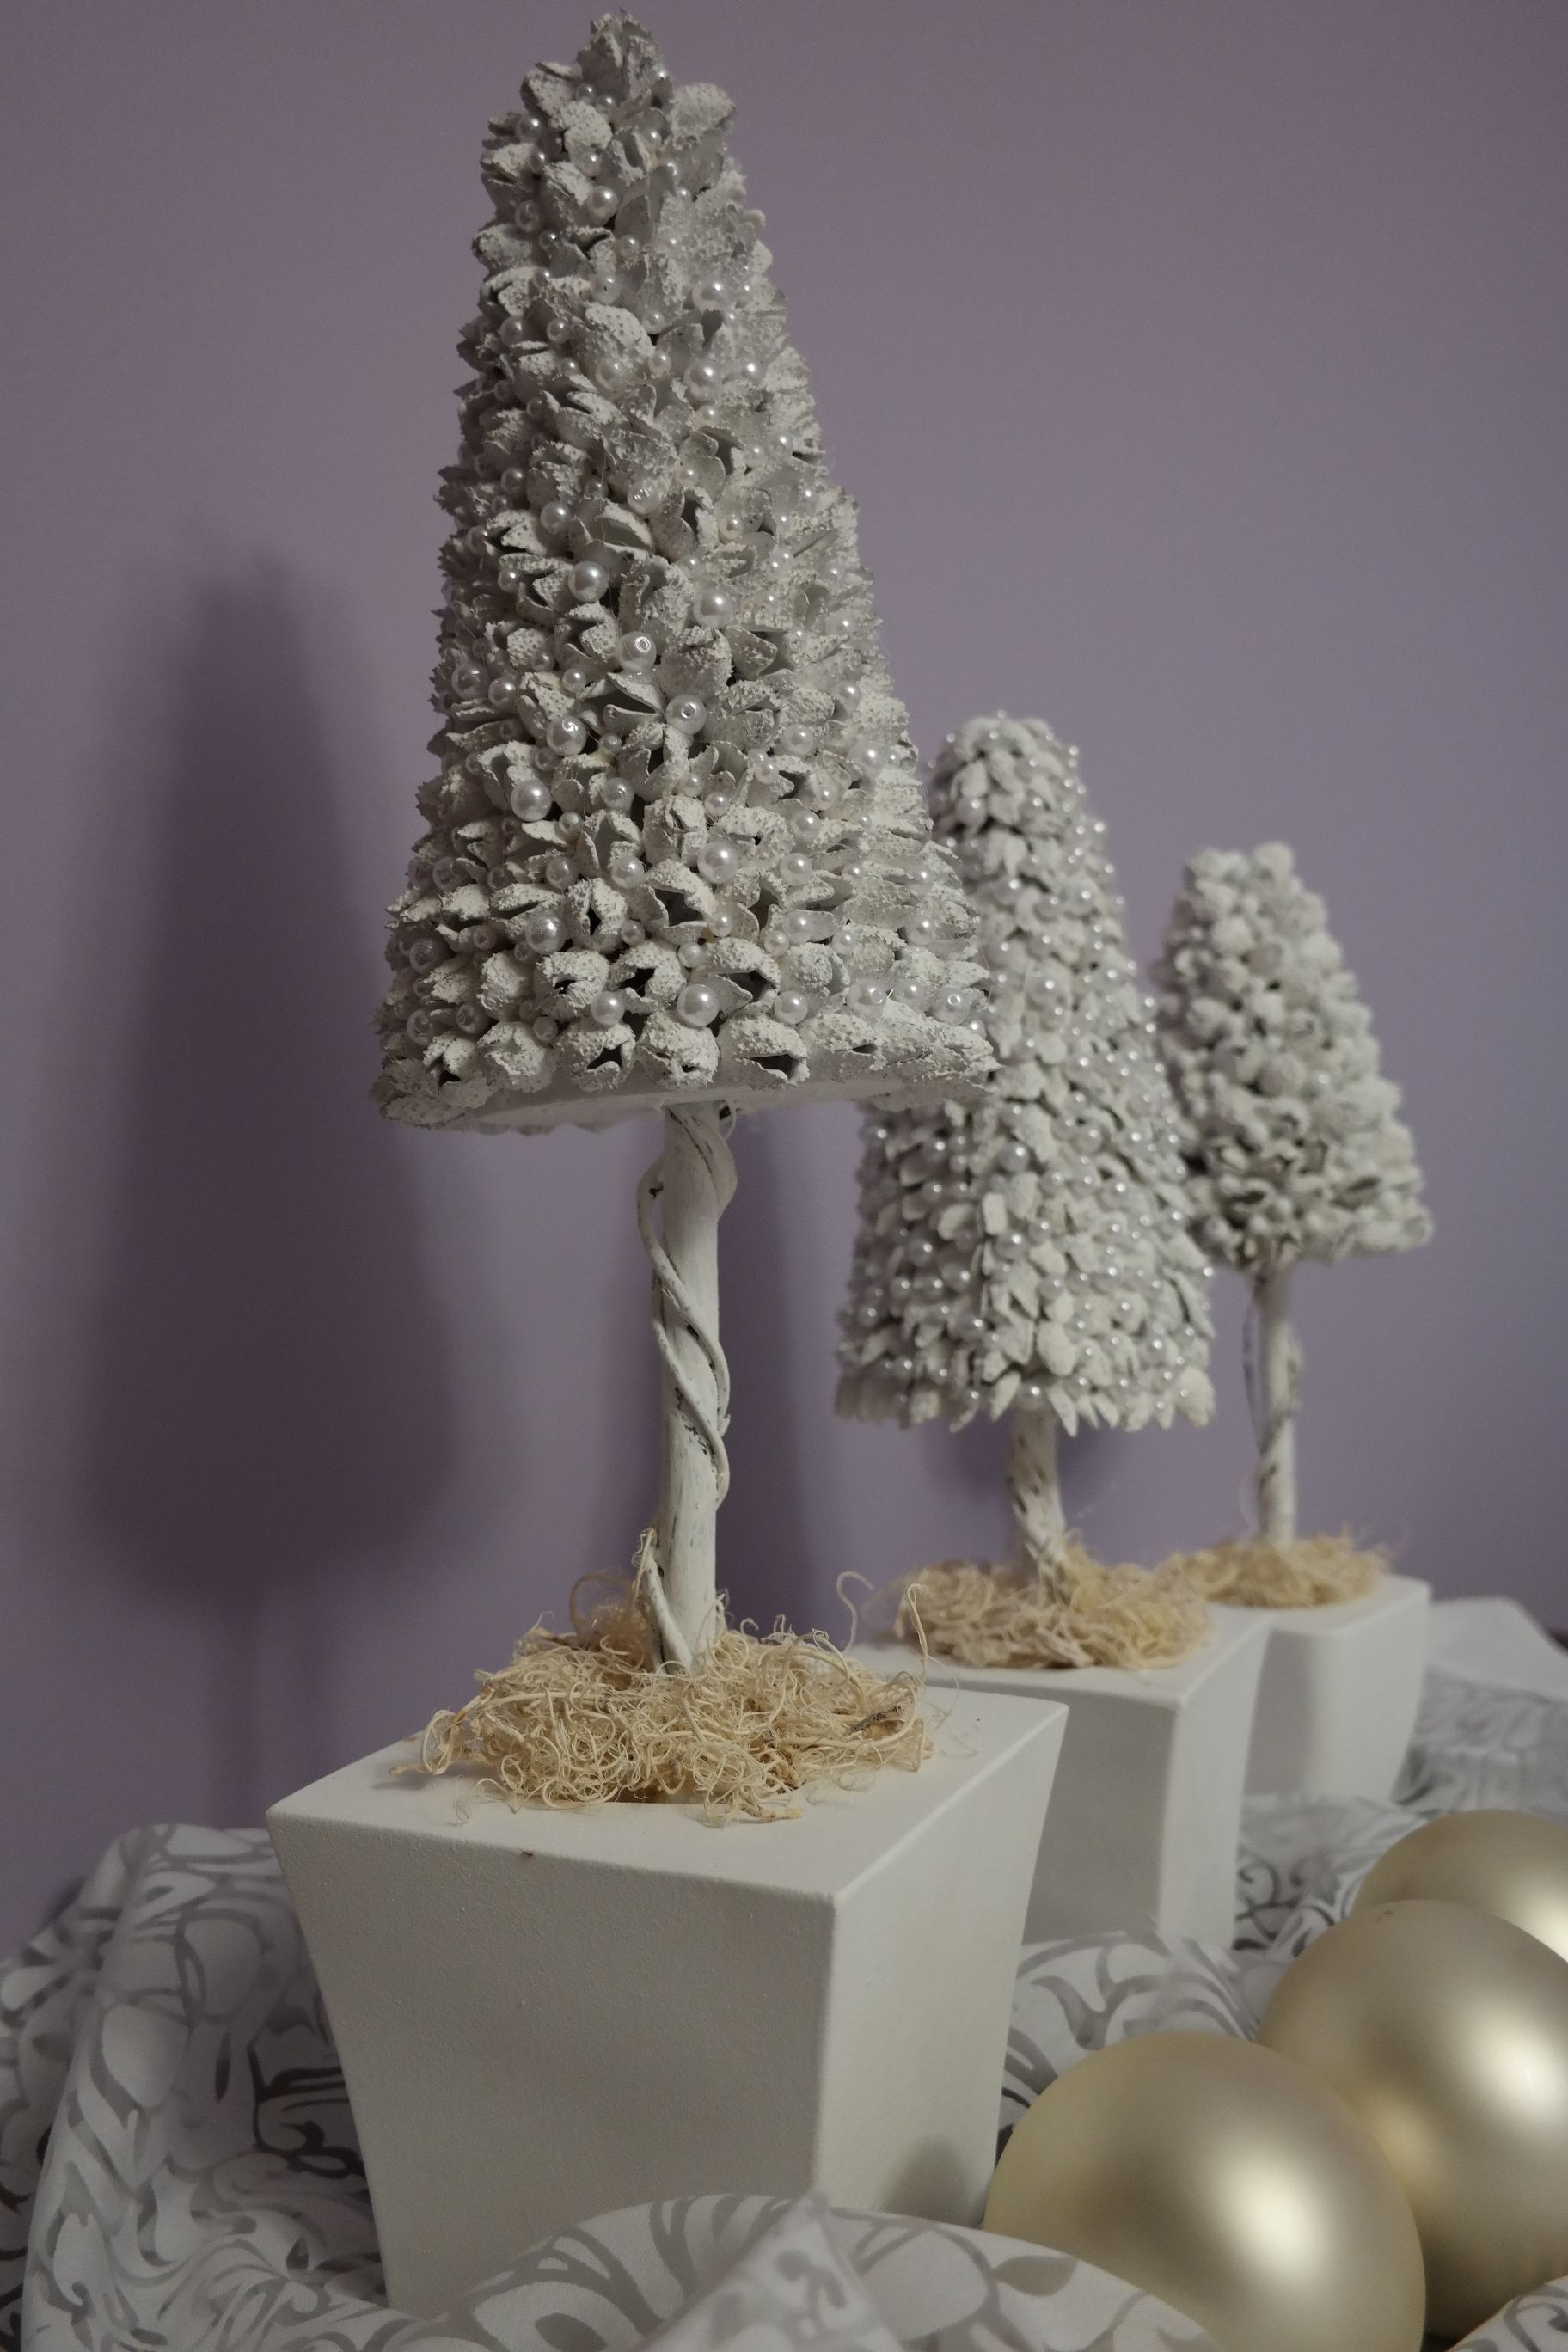 Christmas Tree Dekoracje Wi Teczne Z Szyszek Buku